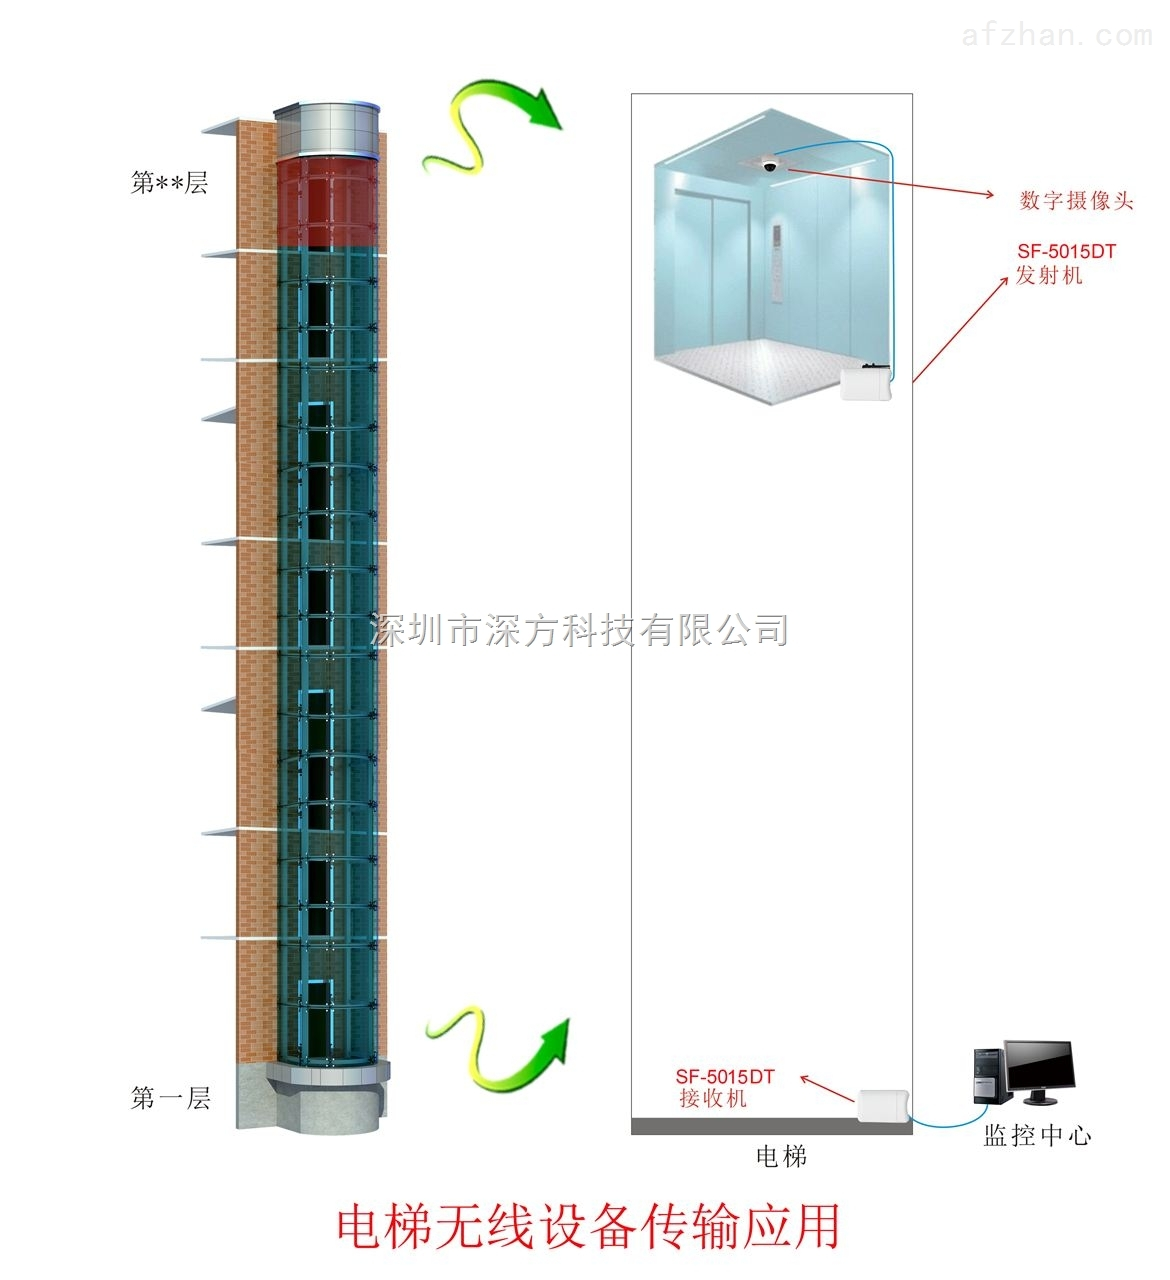 电梯无线监控,1km数字网桥